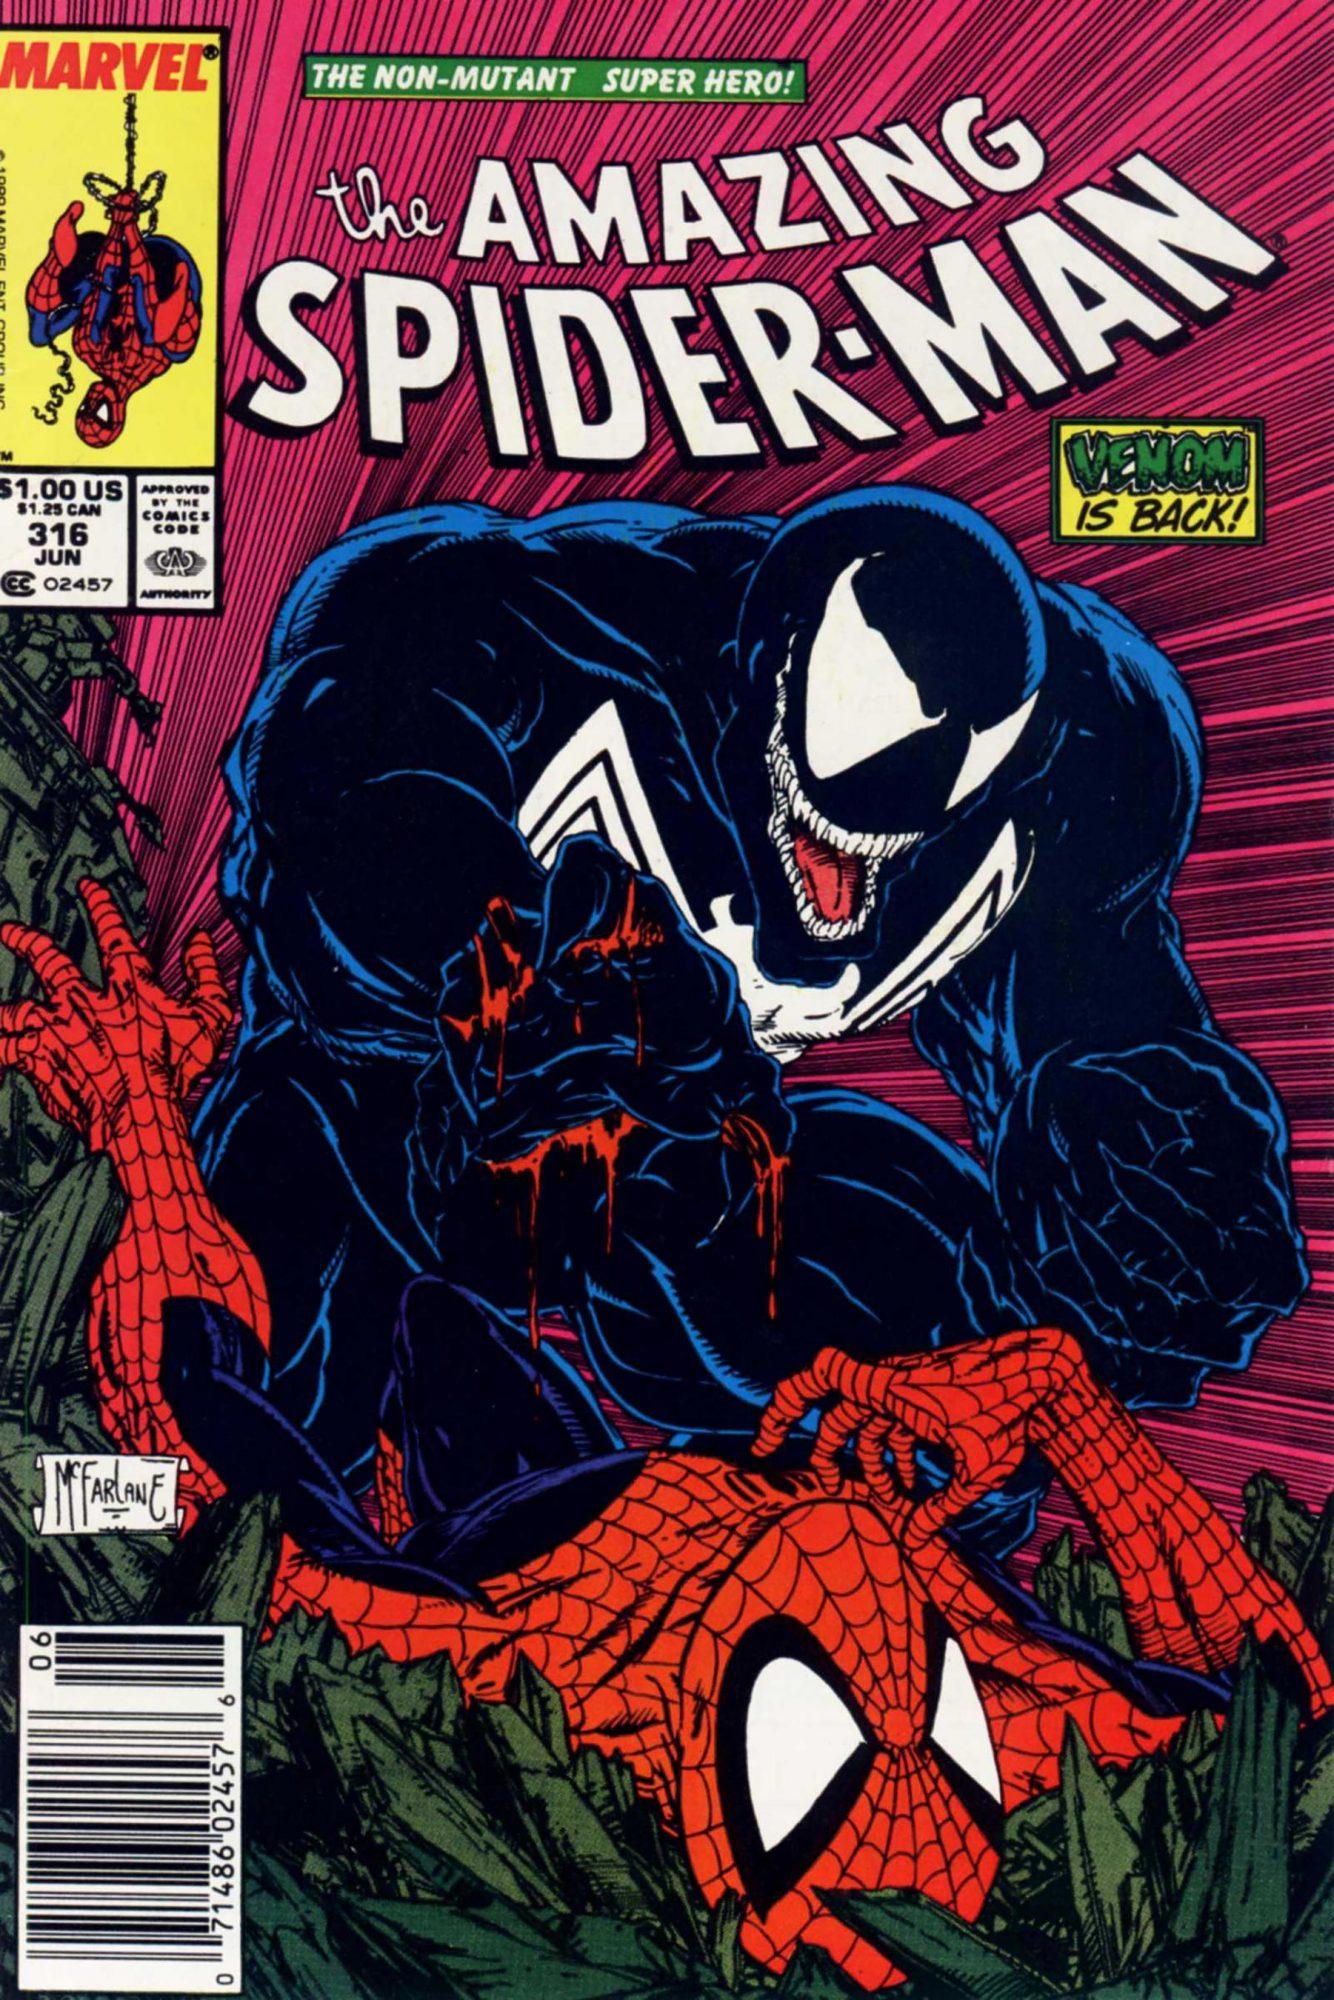 Amazing Spider-Man #316Artist: Todd McFarlane, 1989